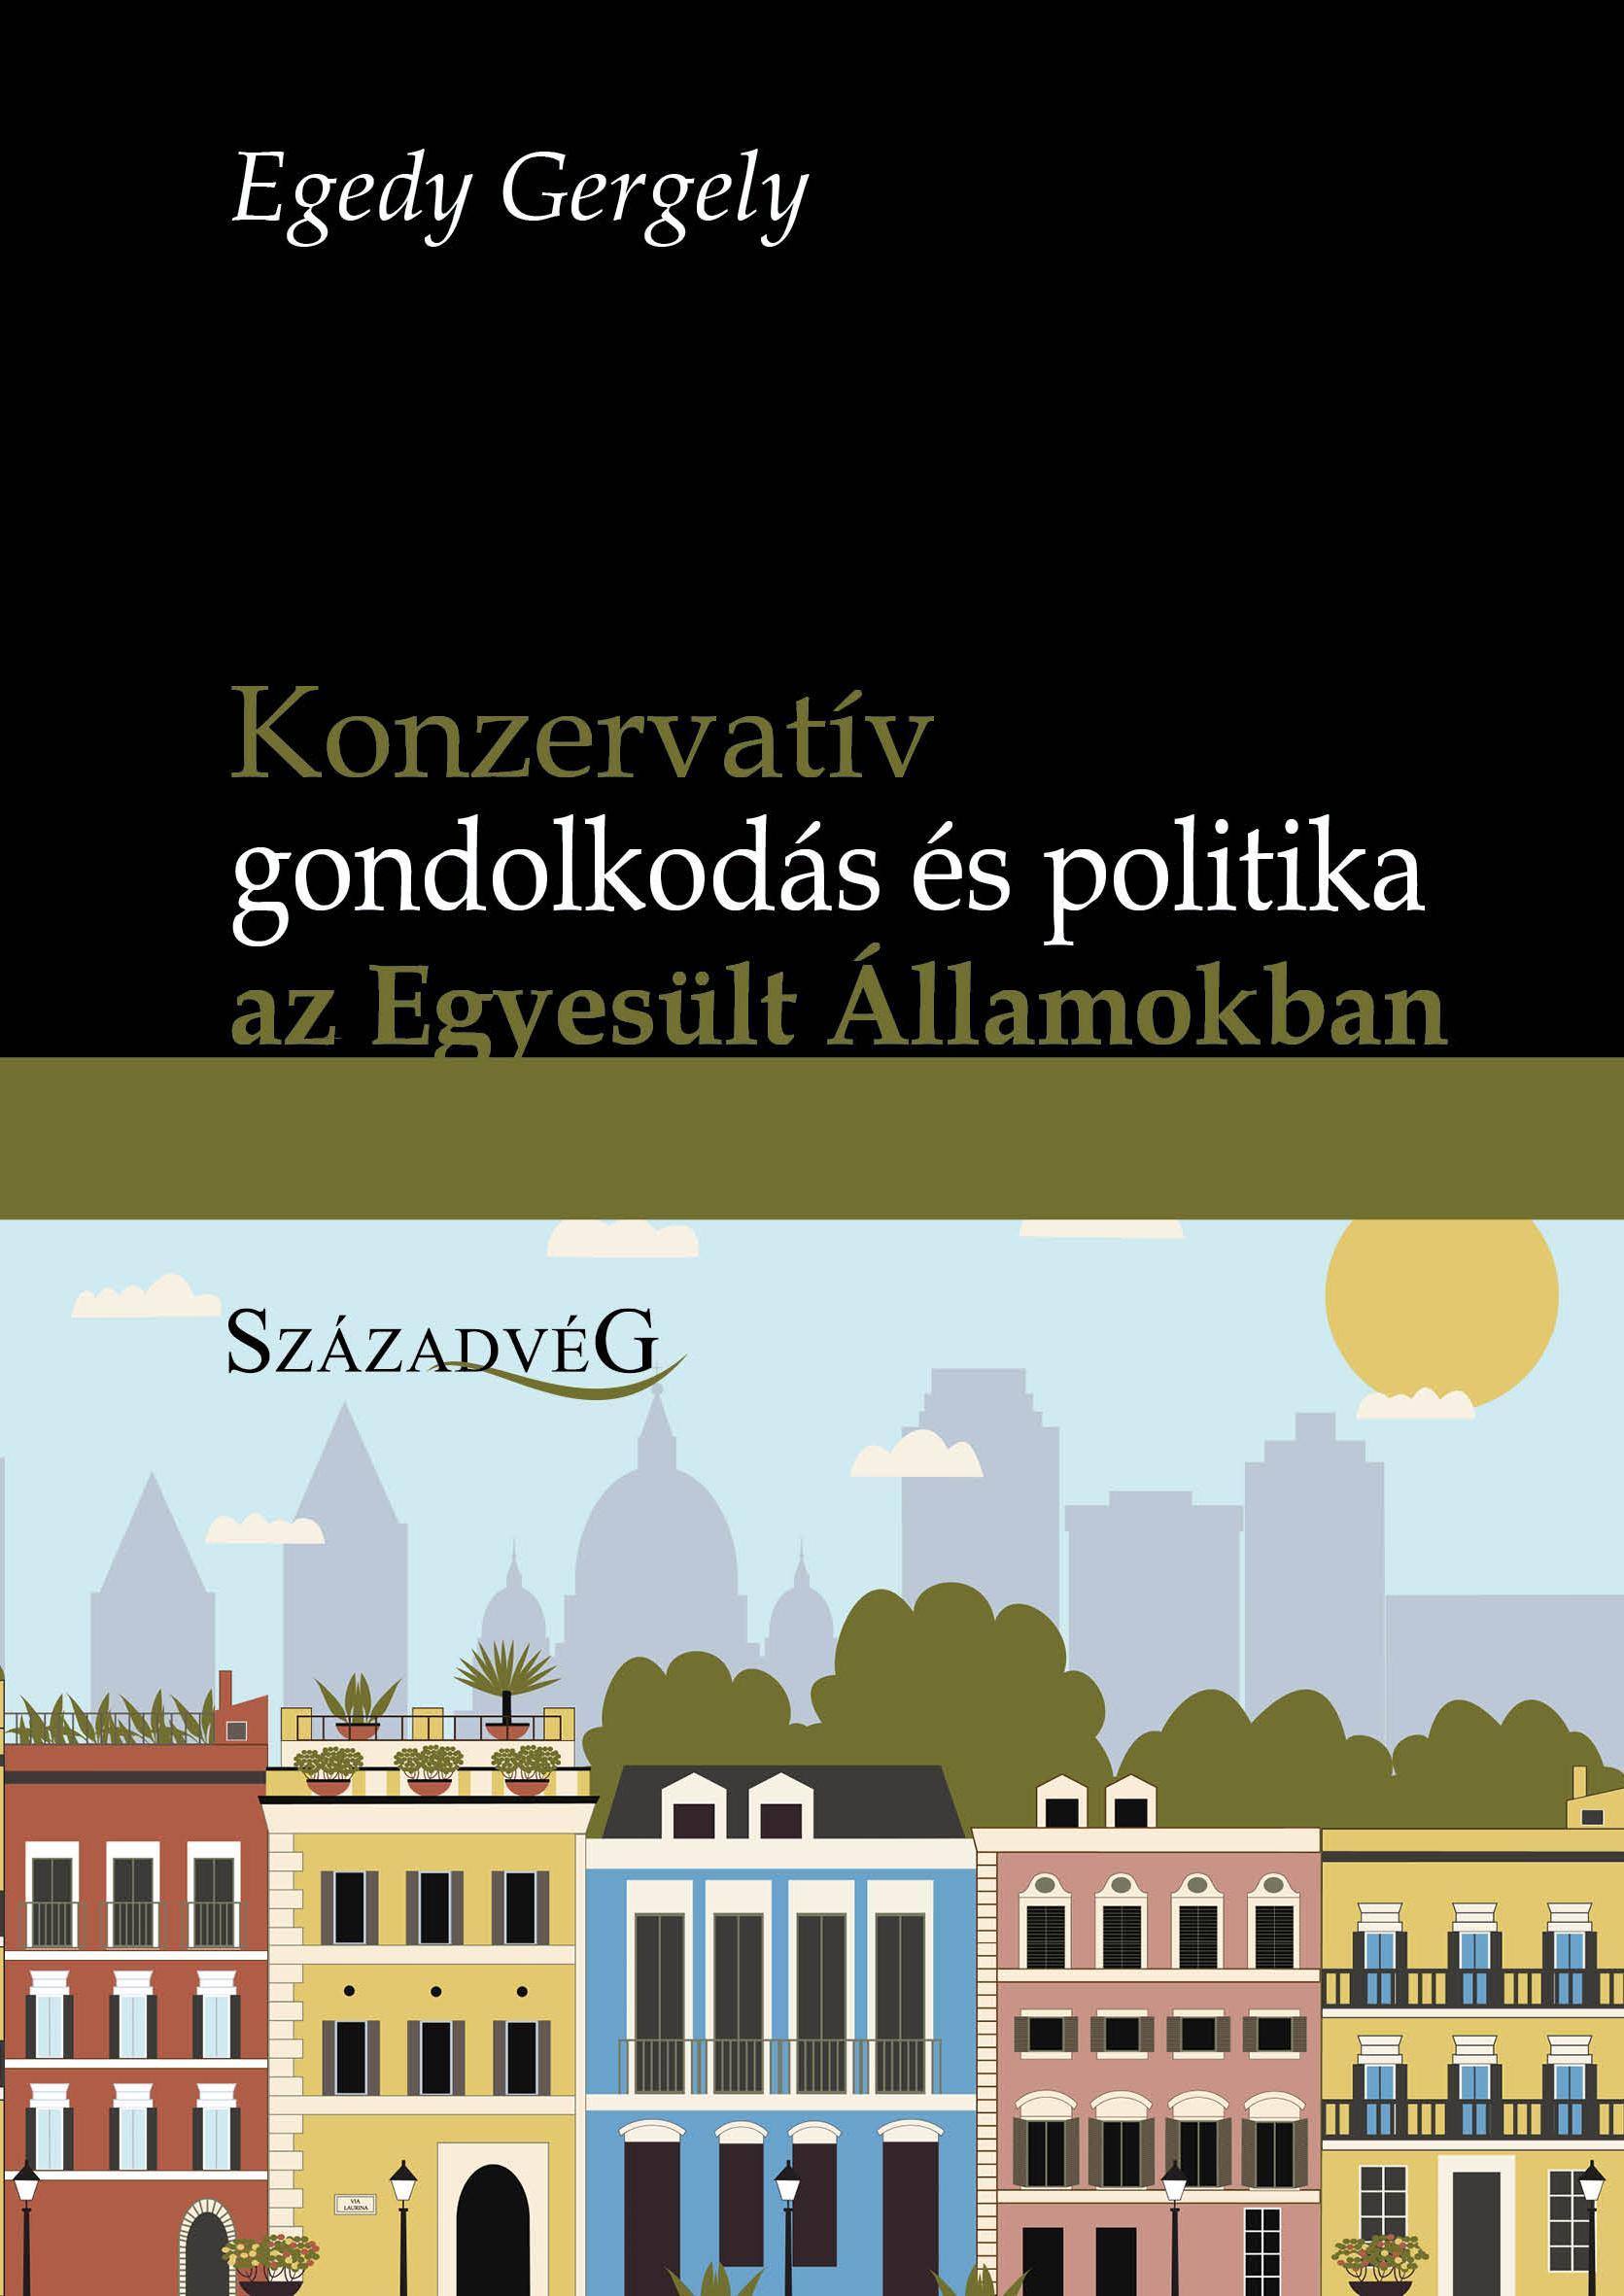 KONZERVATÍV GONDOLKODÁS ÉS POLITIKA AZ EGYESÜLT ÁLLAMOKBAN